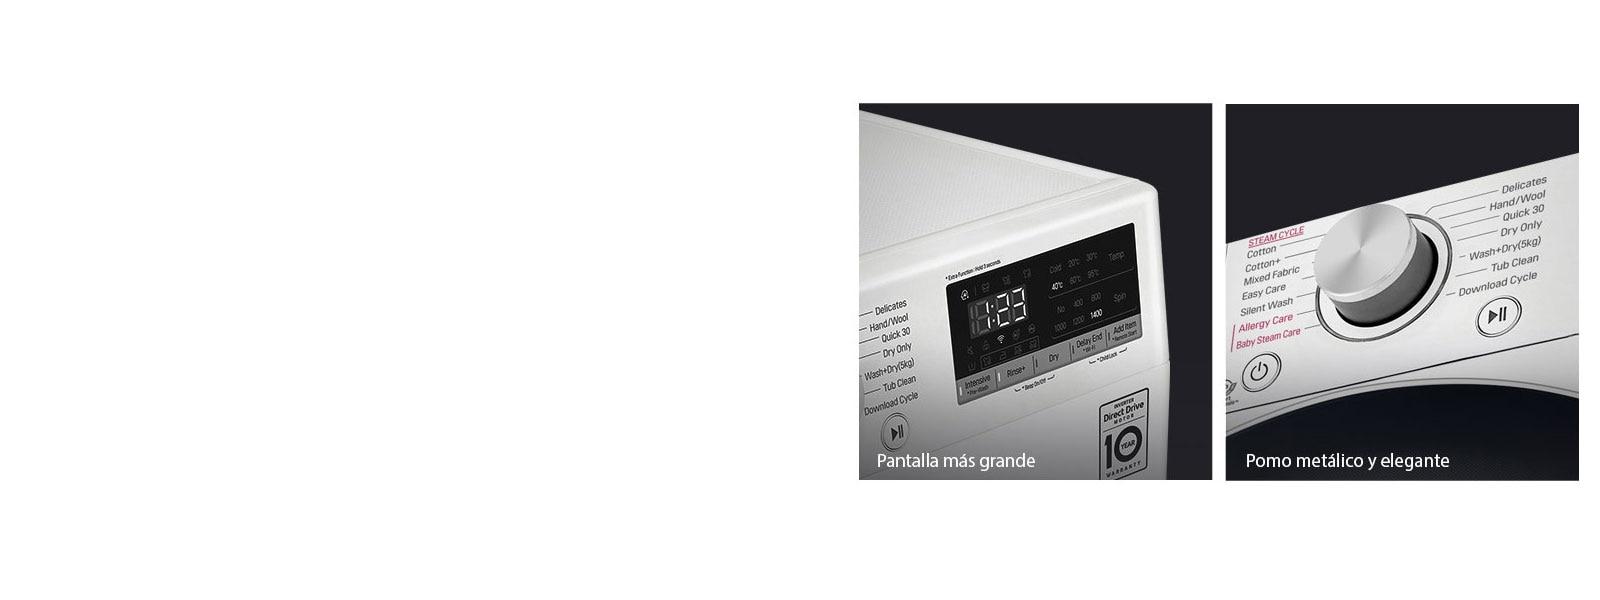 WD-Vivace-V400-C4R-White-07-Design-Desktop_vv